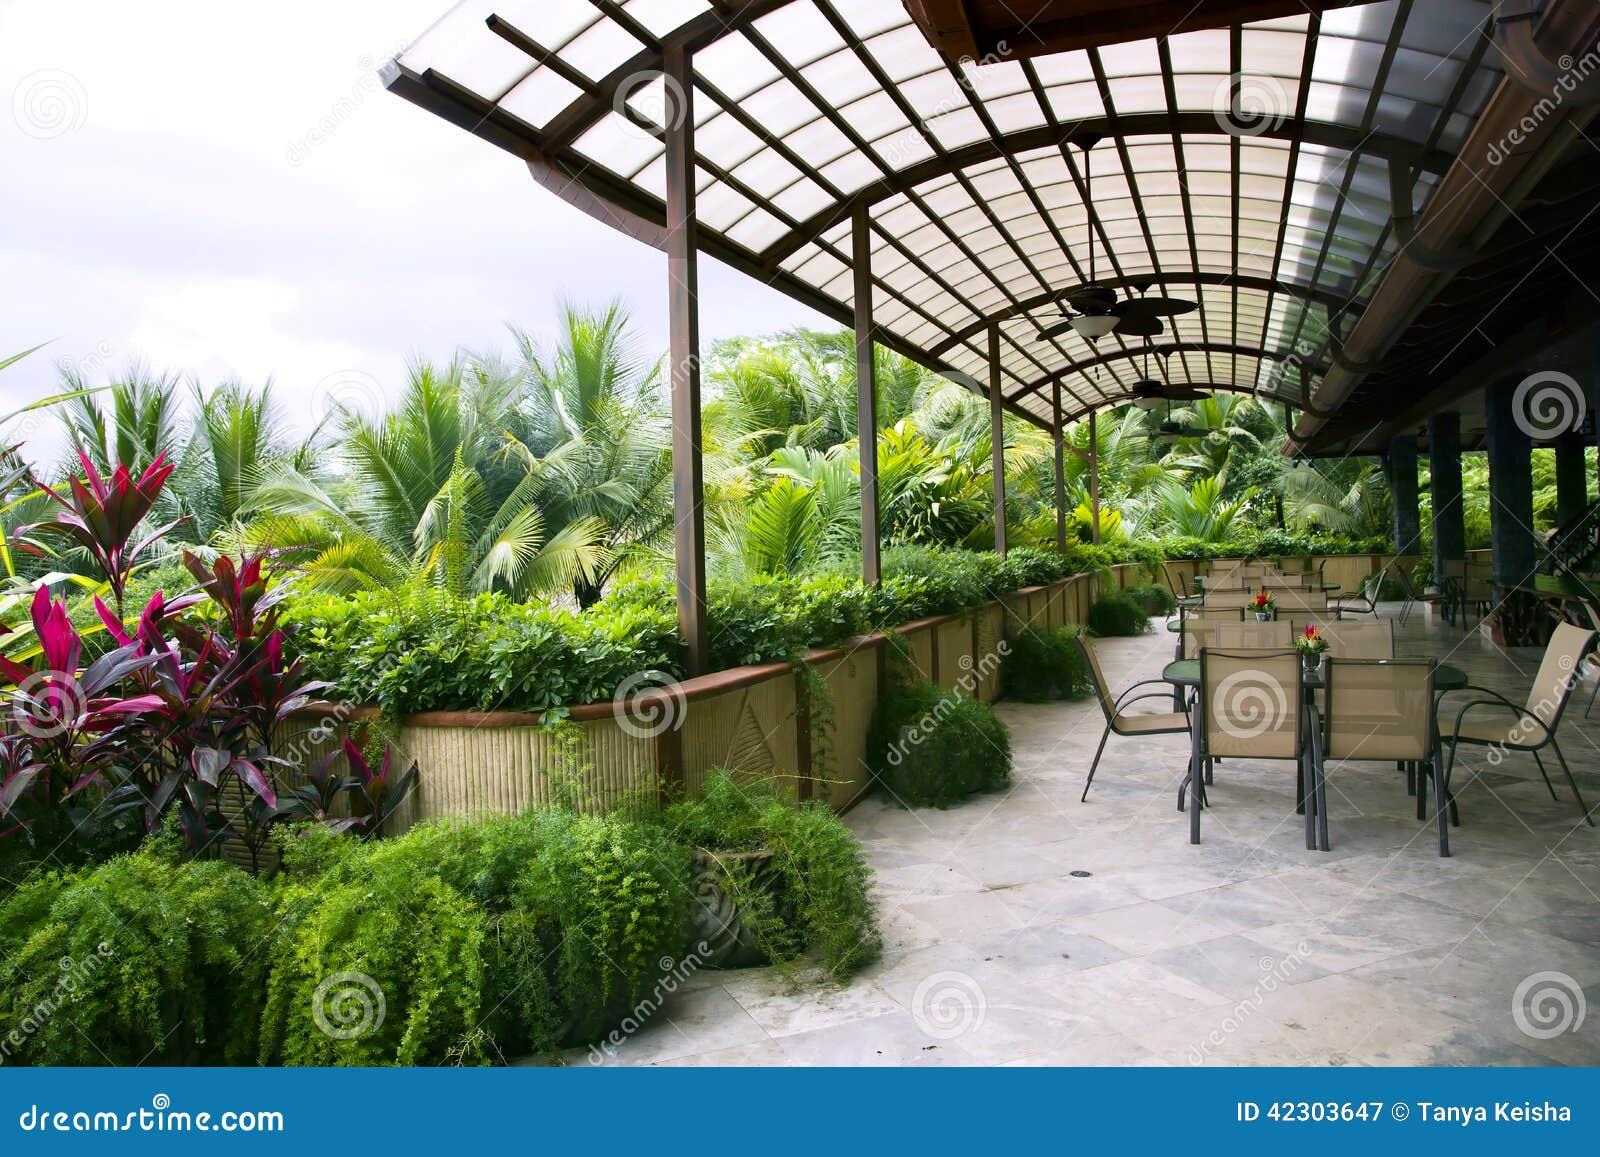 Restaurant sur une v randa ouverte dans un h tel de luxe moderne photo stock - Veranda ouverte terrasse ...